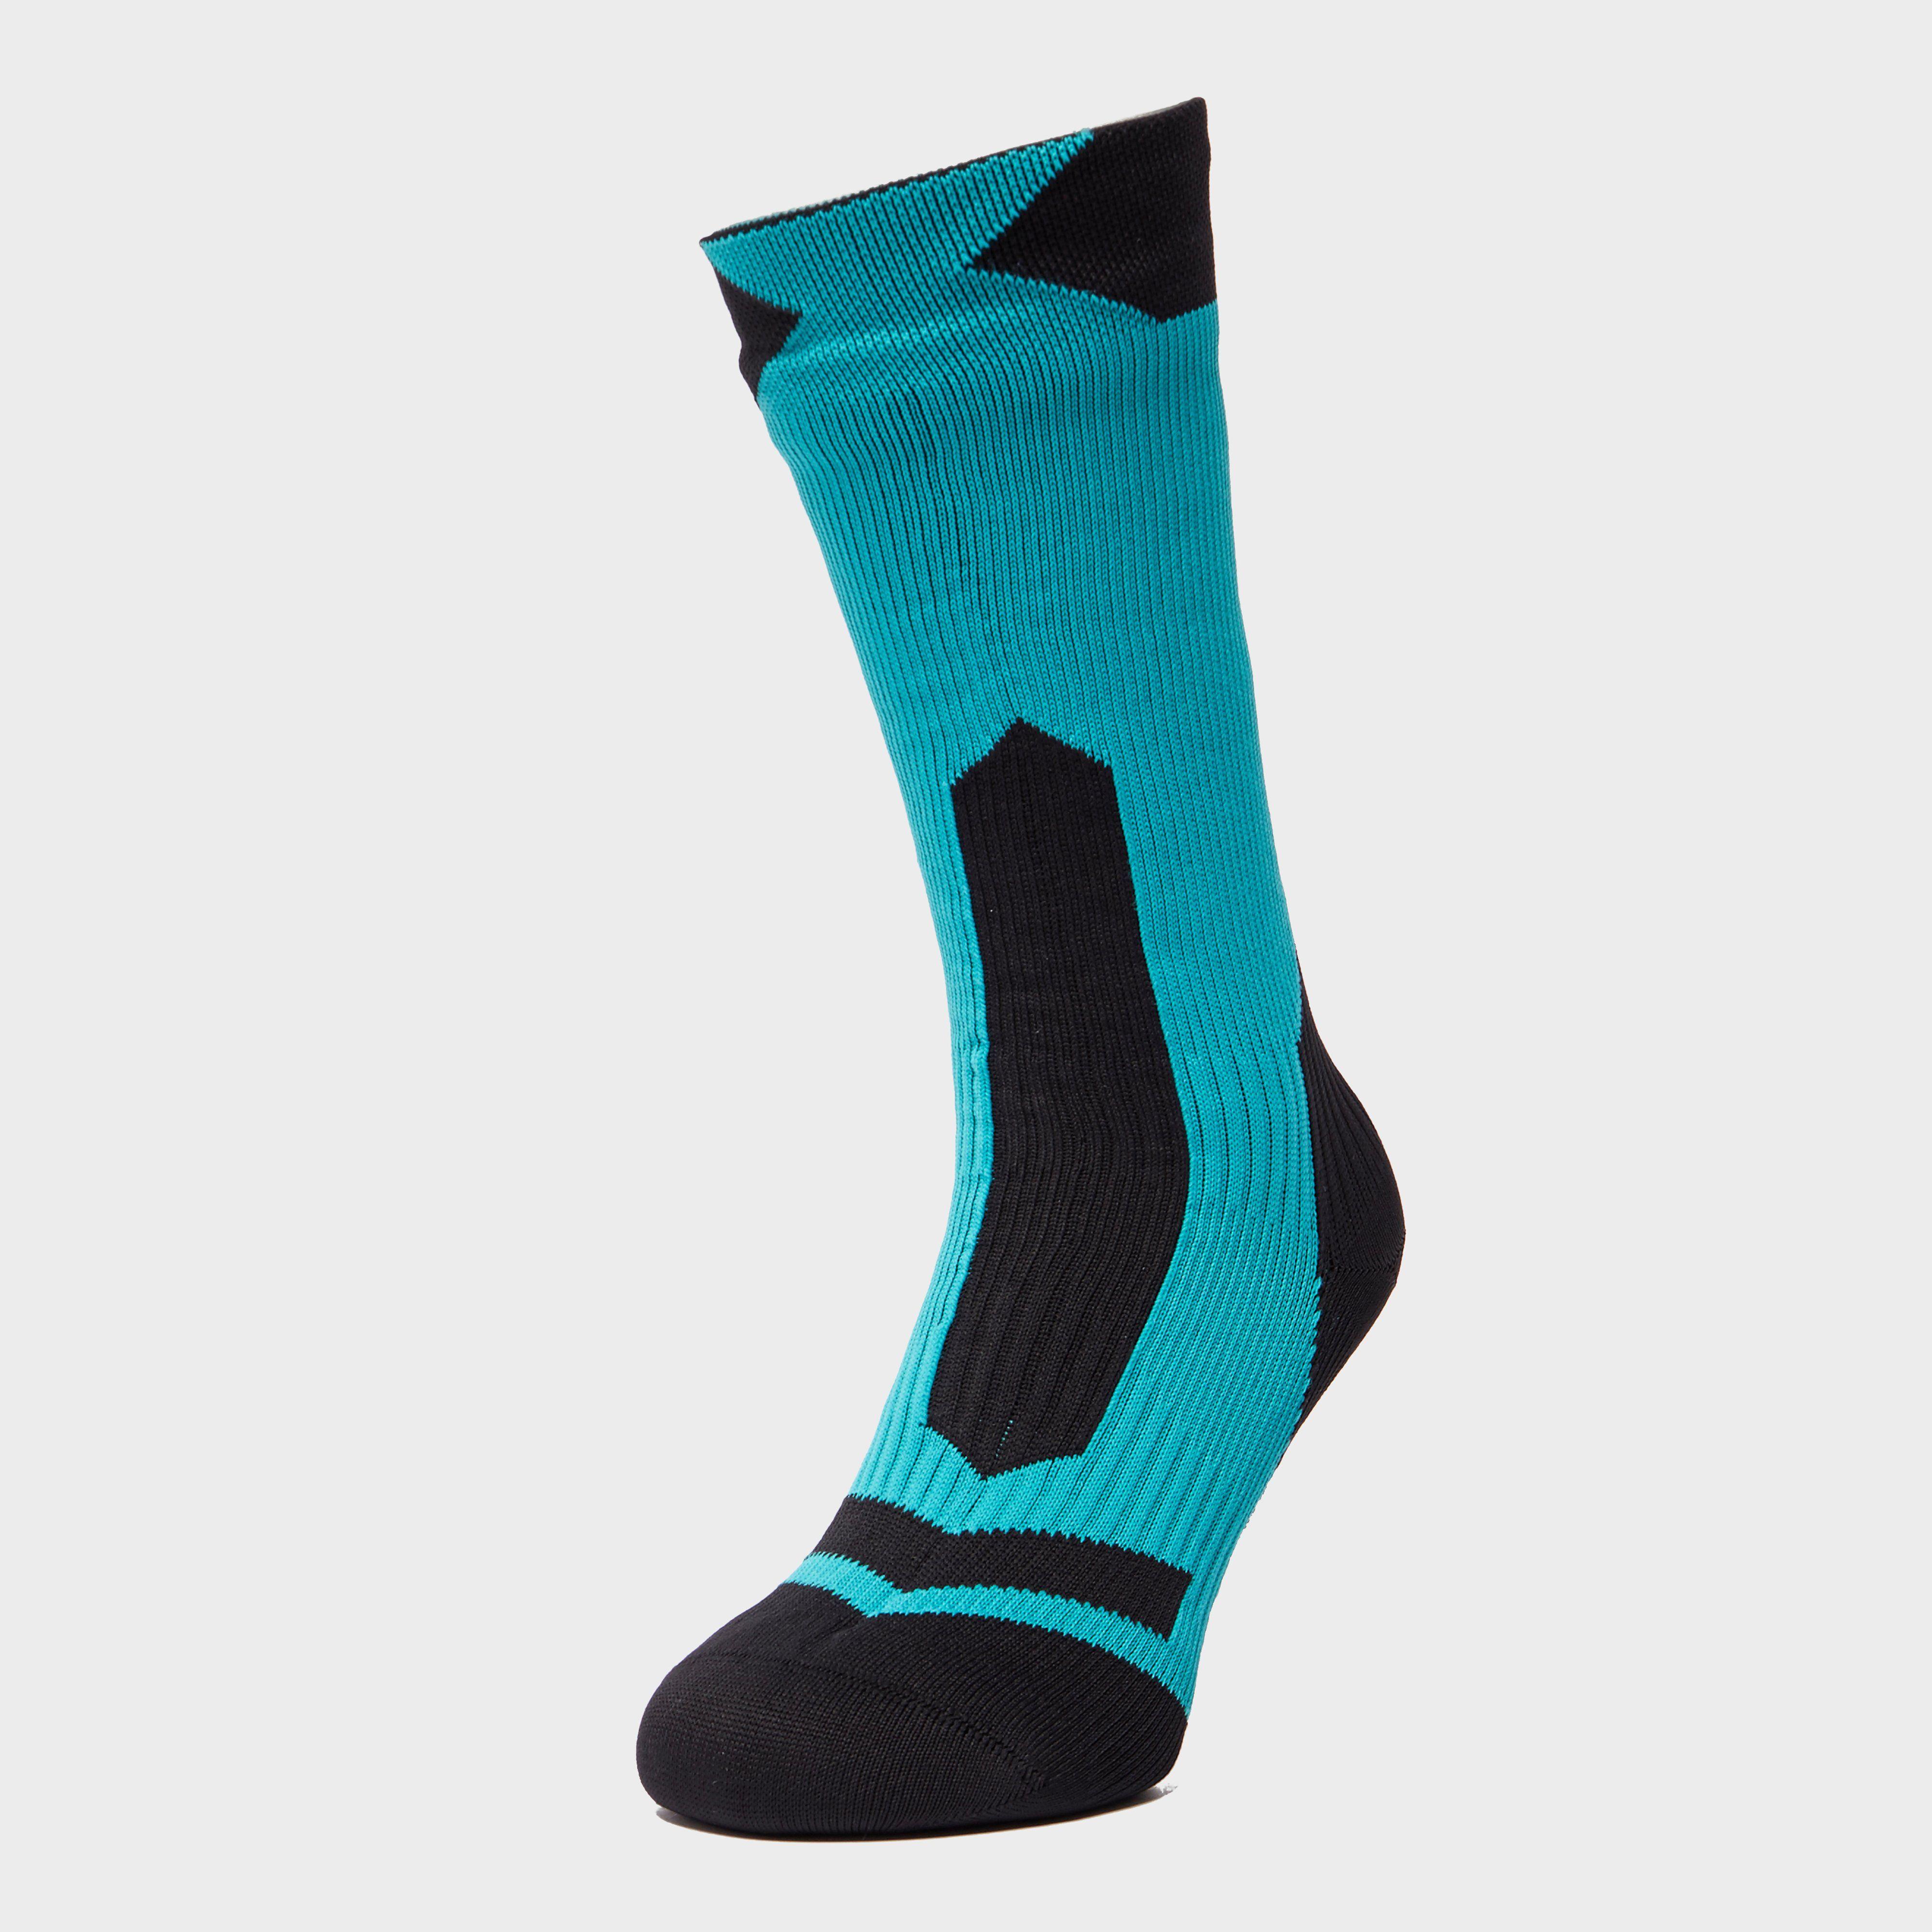 SEALSKINZ Men's Trek Mid Length Socks